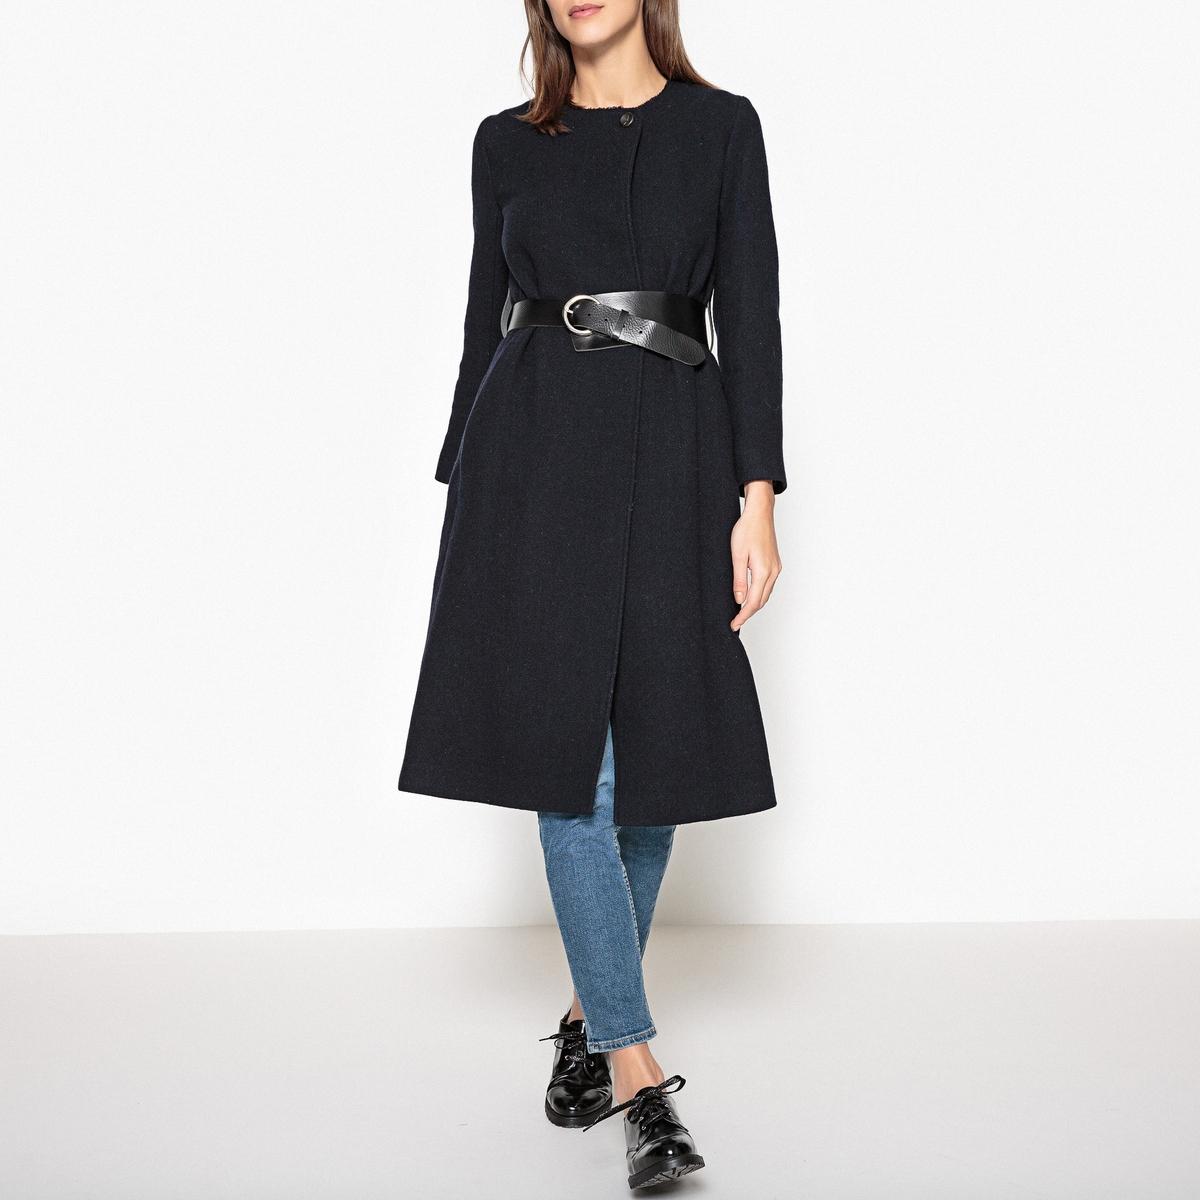 Пальто длинное ZACHARYОписание:Пальто длинное BA&amp;SH - модель ZACHARY с широким кожаным поясом на металлической пряжке.Детали •  Длина : удлиненная модель •  Без воротника • Застежка на пуговицыСостав и уход •  40% шерсти, 30% акрила, 15% полиамида, 15% полиэстера •  Следуйте рекомендациям по уходу, указанным на этикетке изделия •  2 боковых кармана •  Двойная застёжка на пуговицы на воротнике<br><br>Цвет: темно-синий